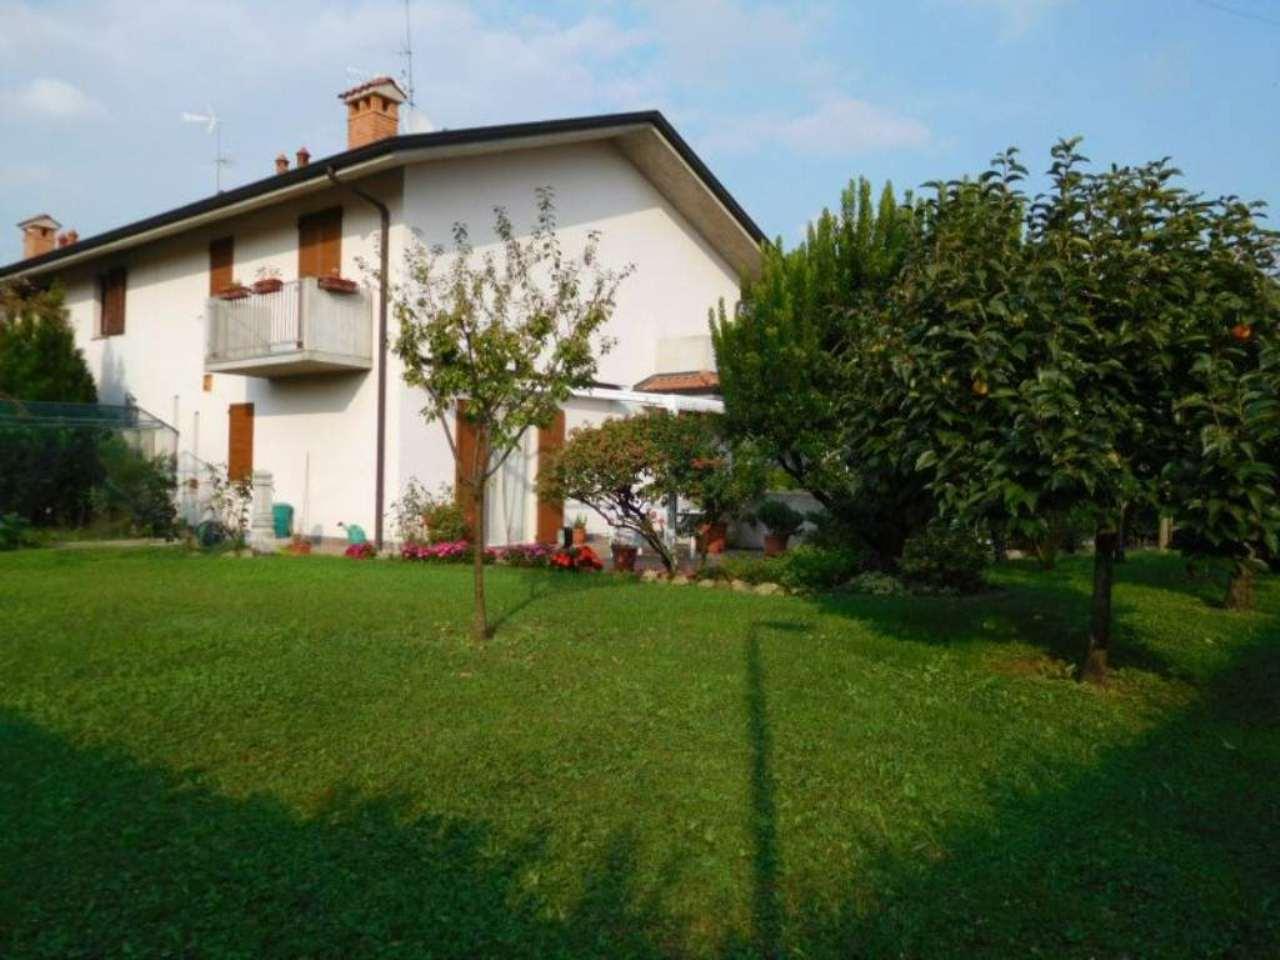 Villa Bifamiliare in vendita a San Paolo d'Argon, 4 locali, prezzo € 300.000 | Cambio Casa.it